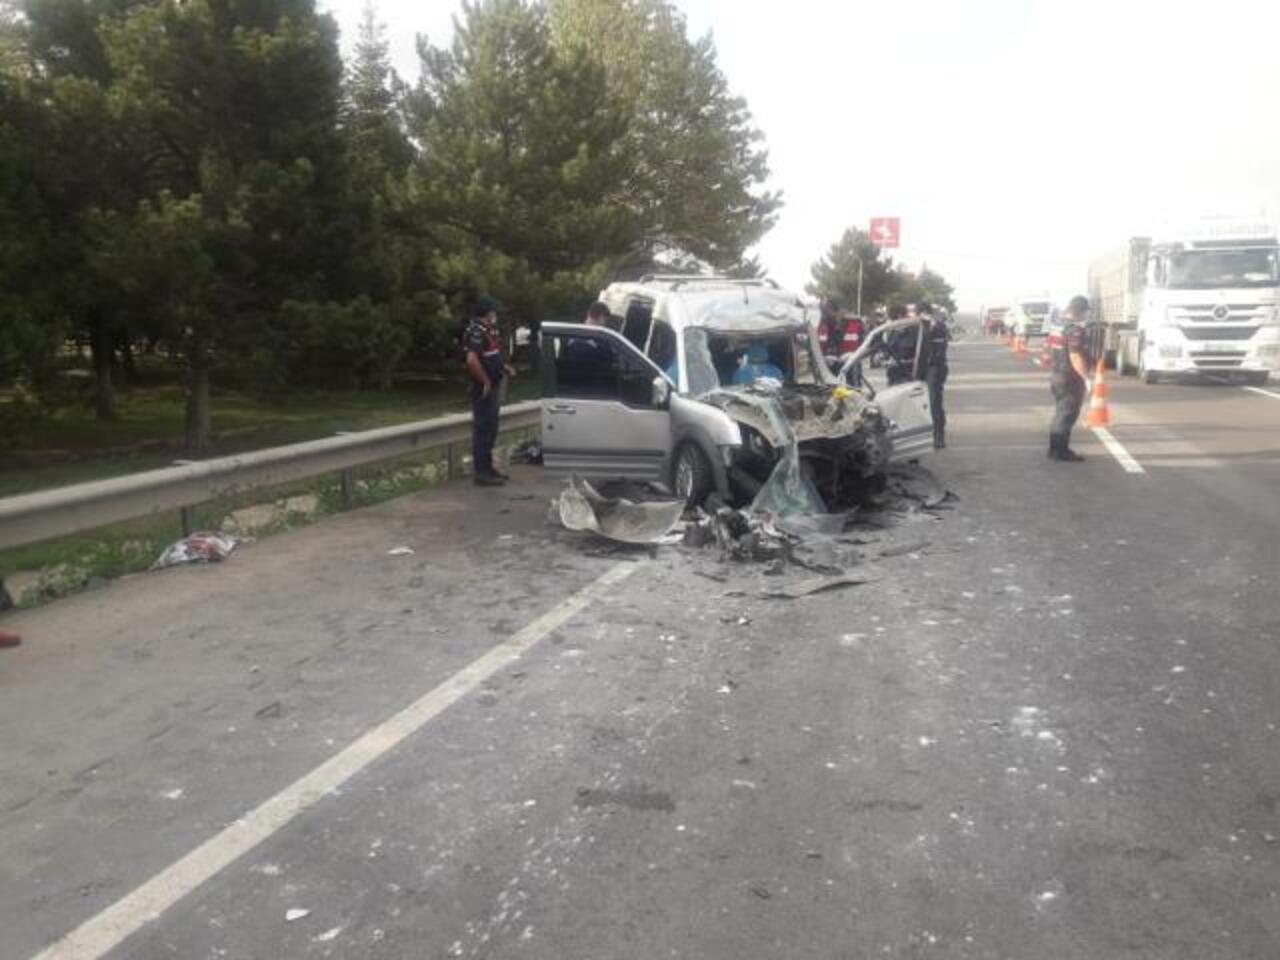 Eskişehir Sivrihisar'da hafif ticari araç tırla çarpıştı: 2 ölü, 3 yaralı!